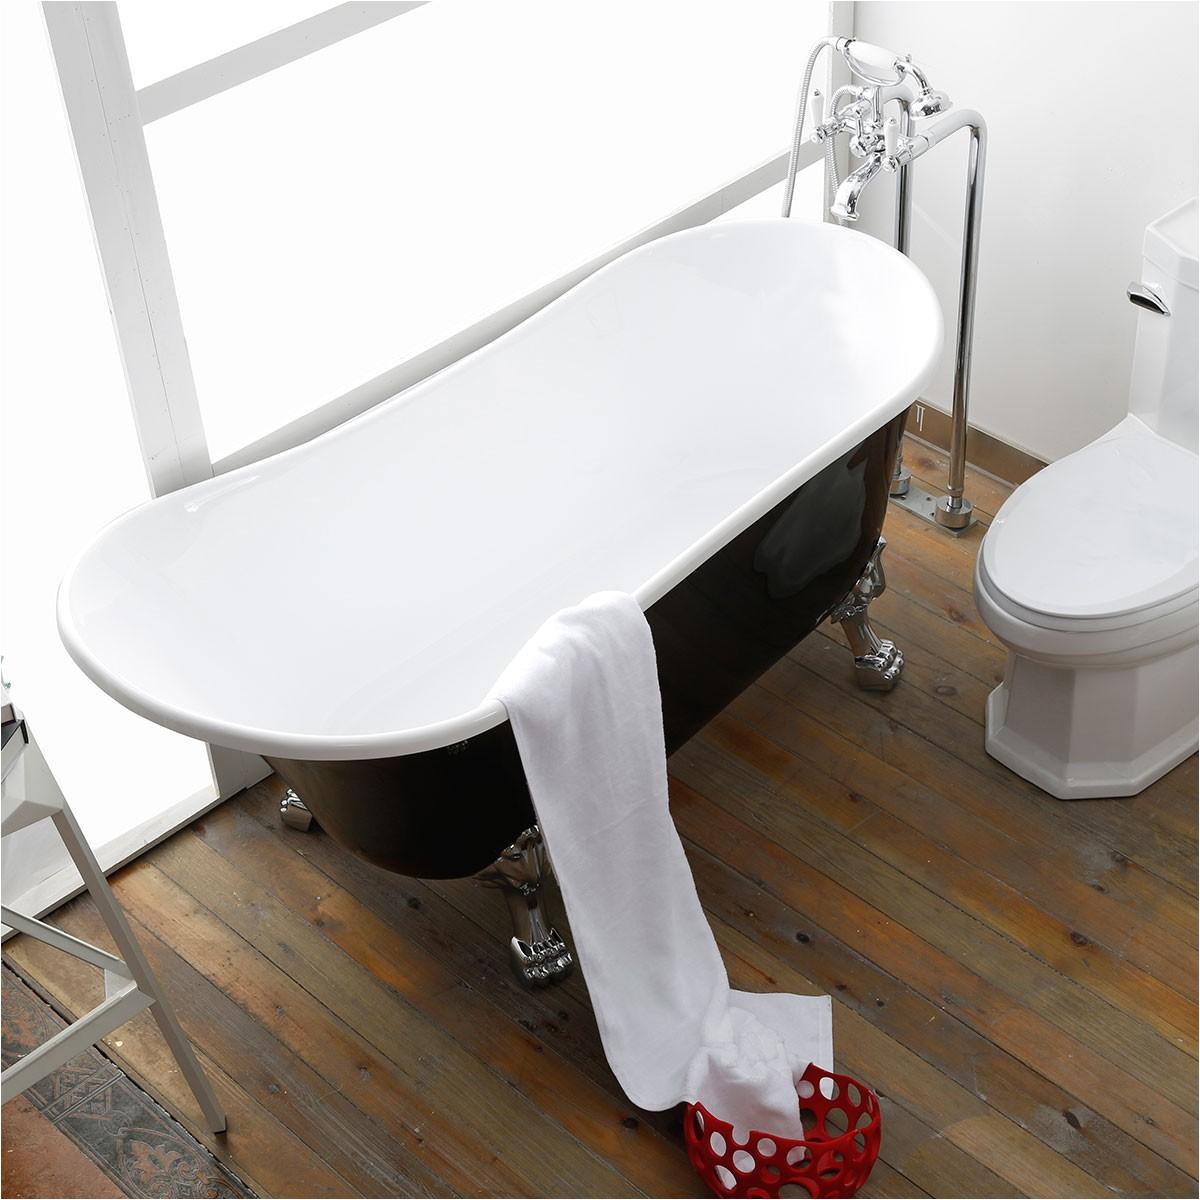 63 in clawfoot freestanding bathtub acrylic black dk 1675b